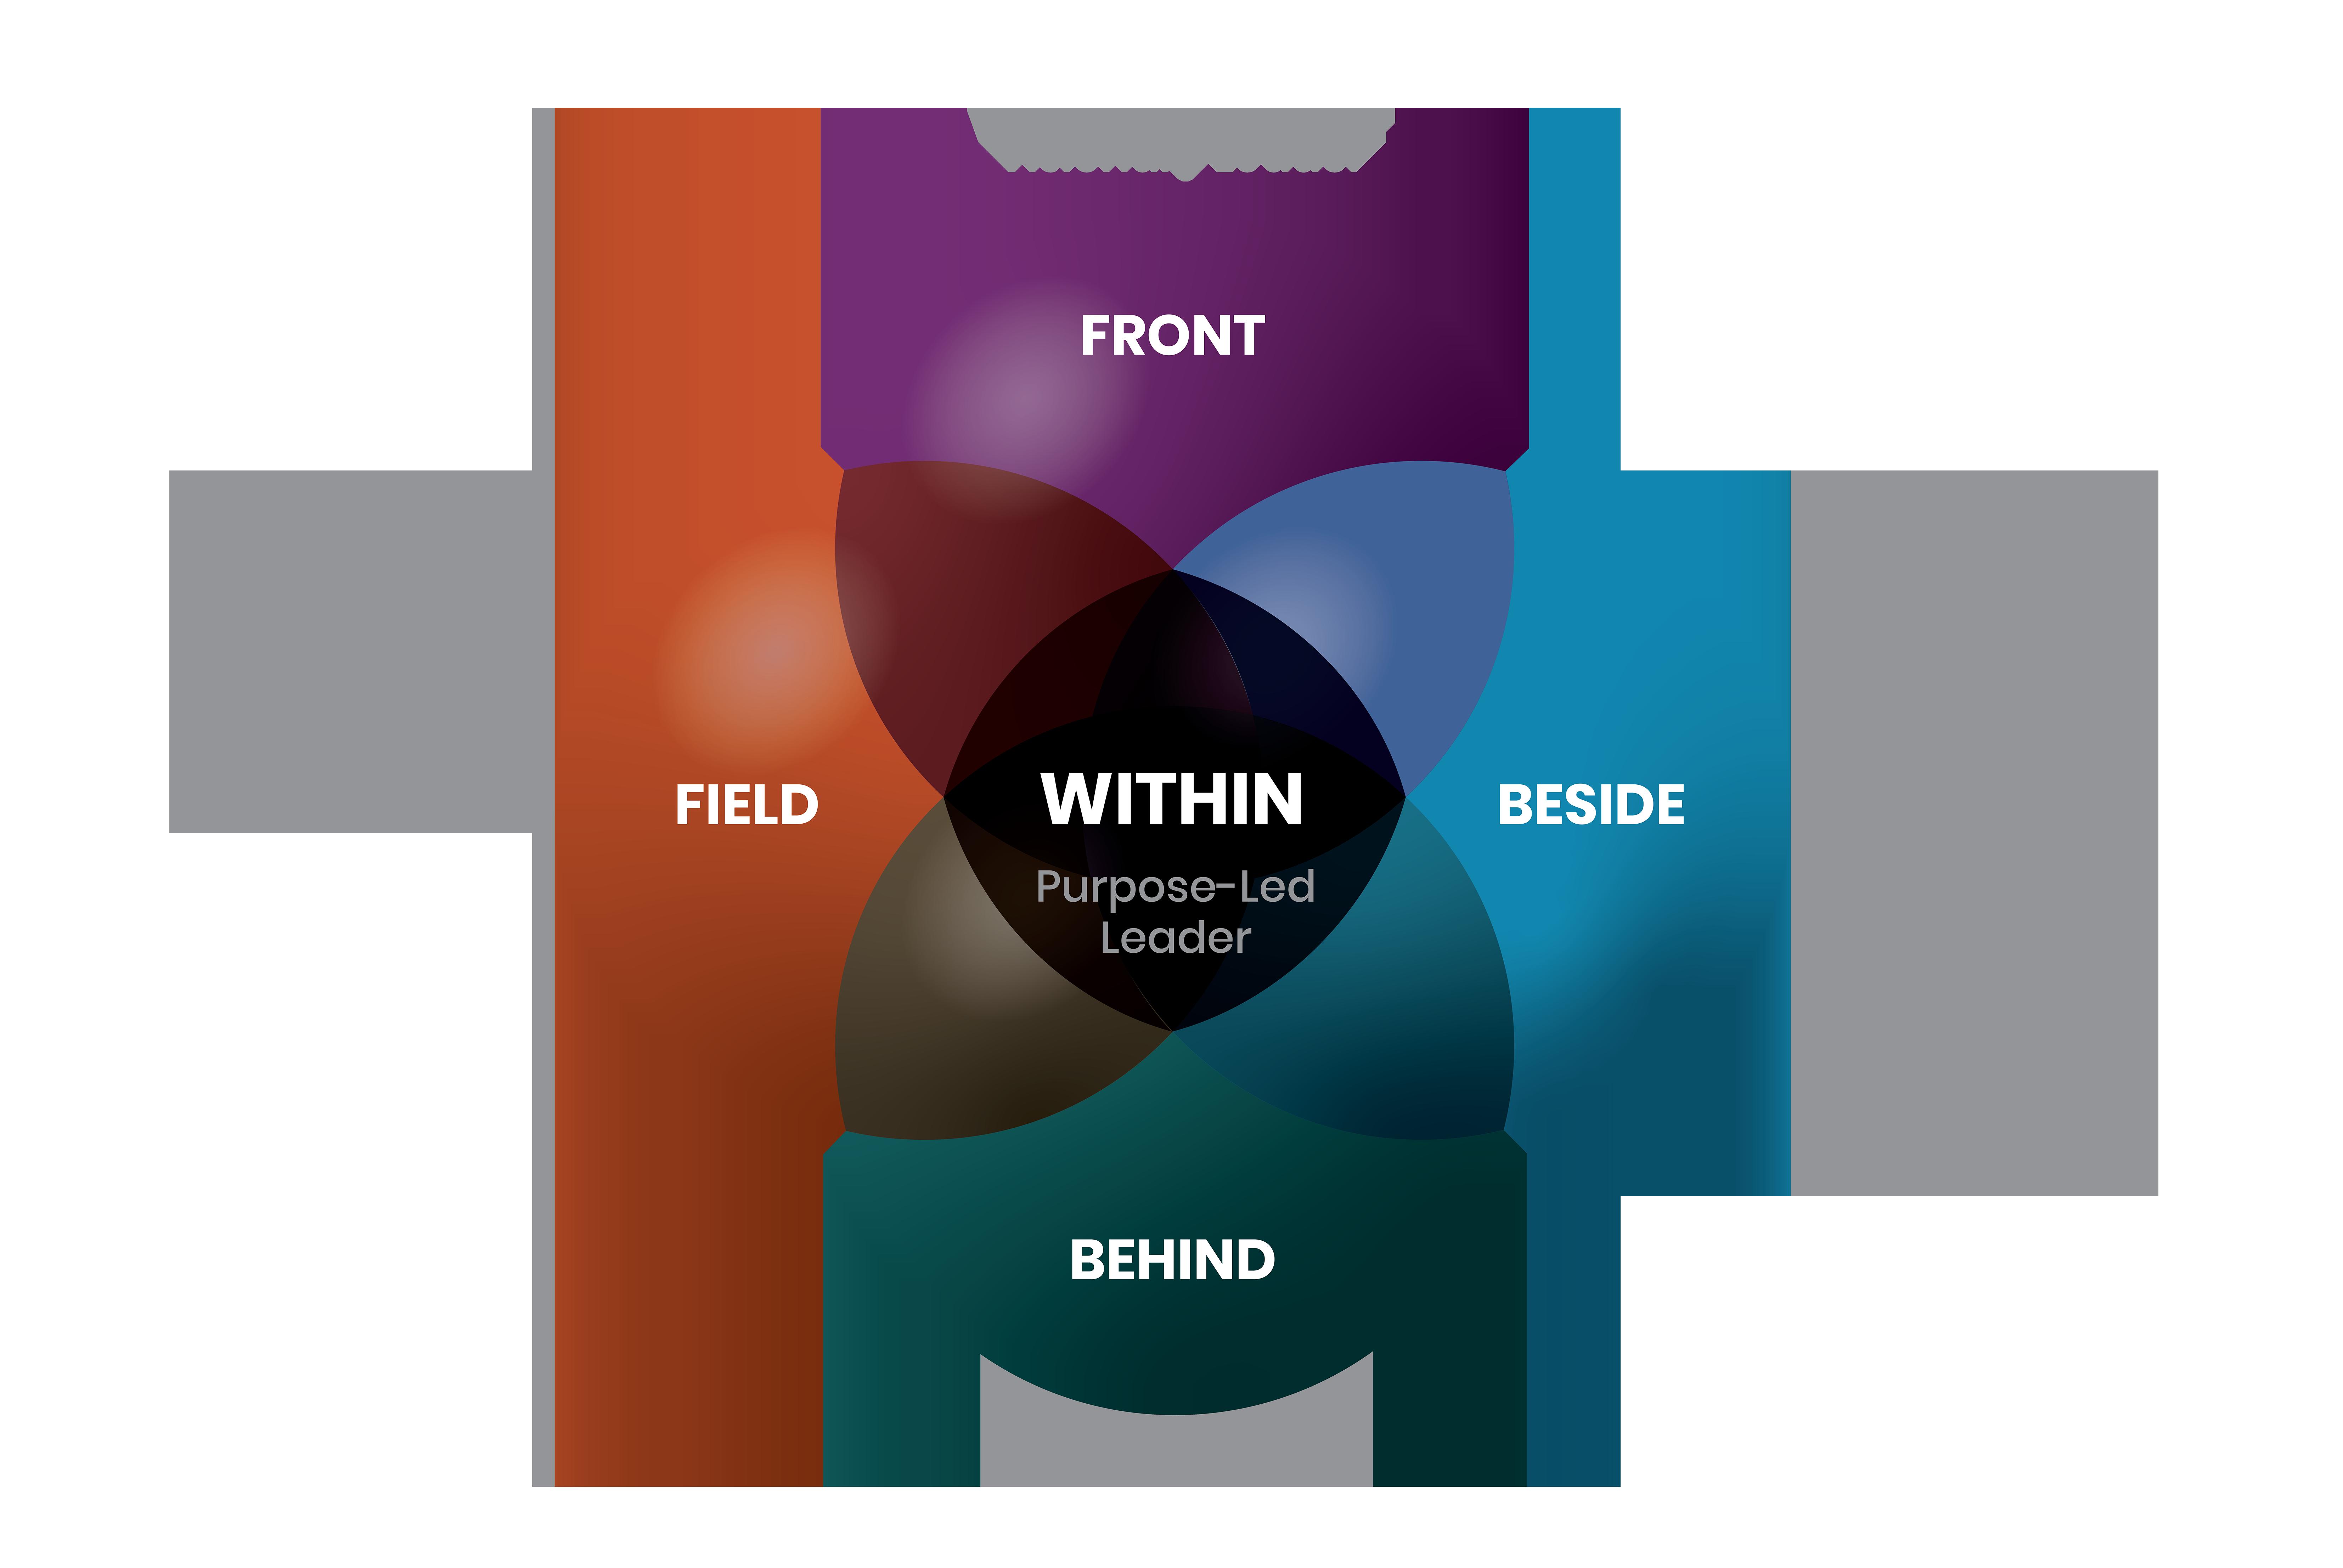 Coactive_leadership_model_quiz_landing_page-01-2